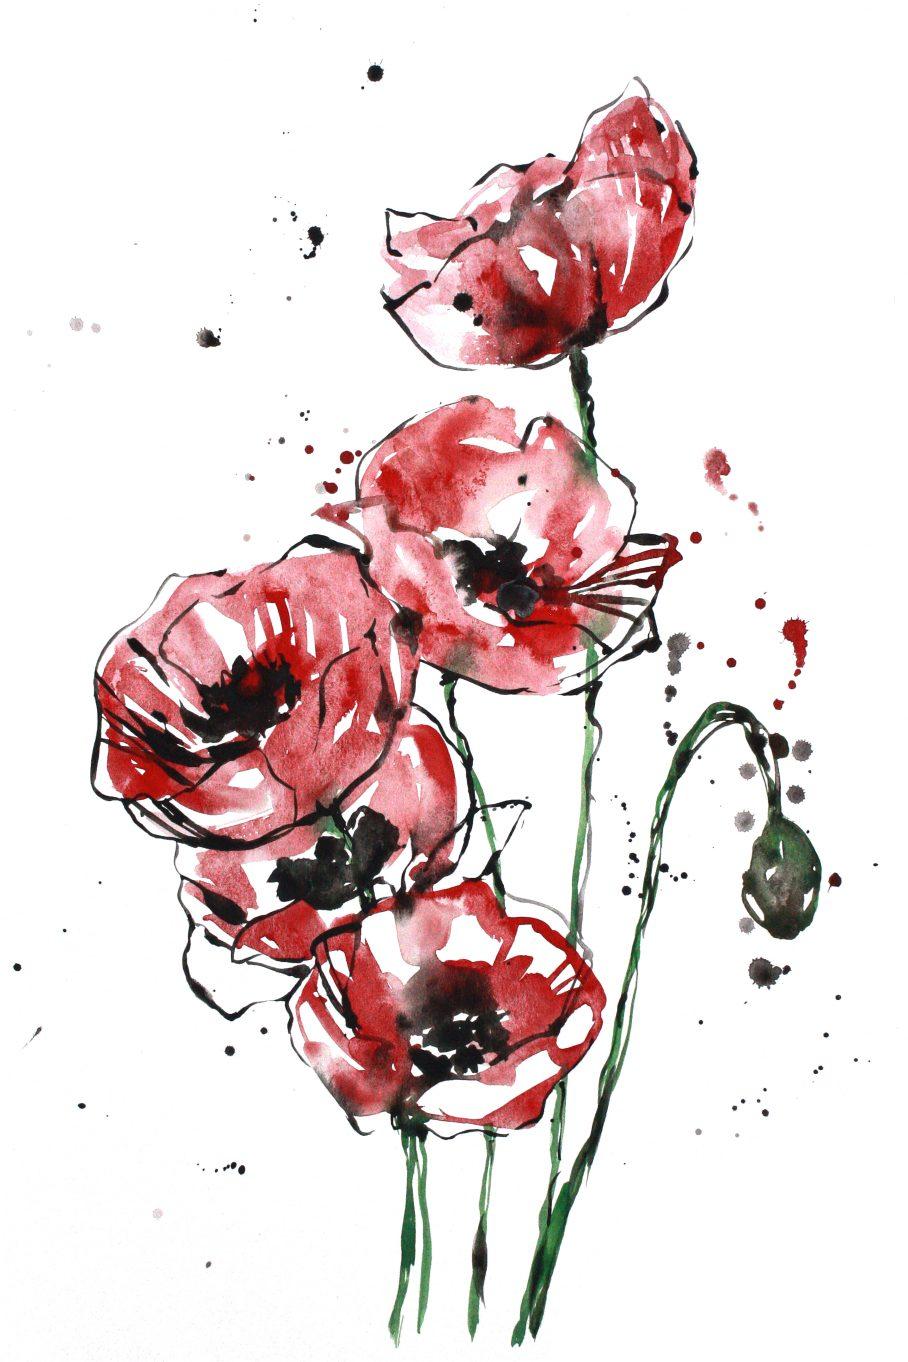 poppies_12x18